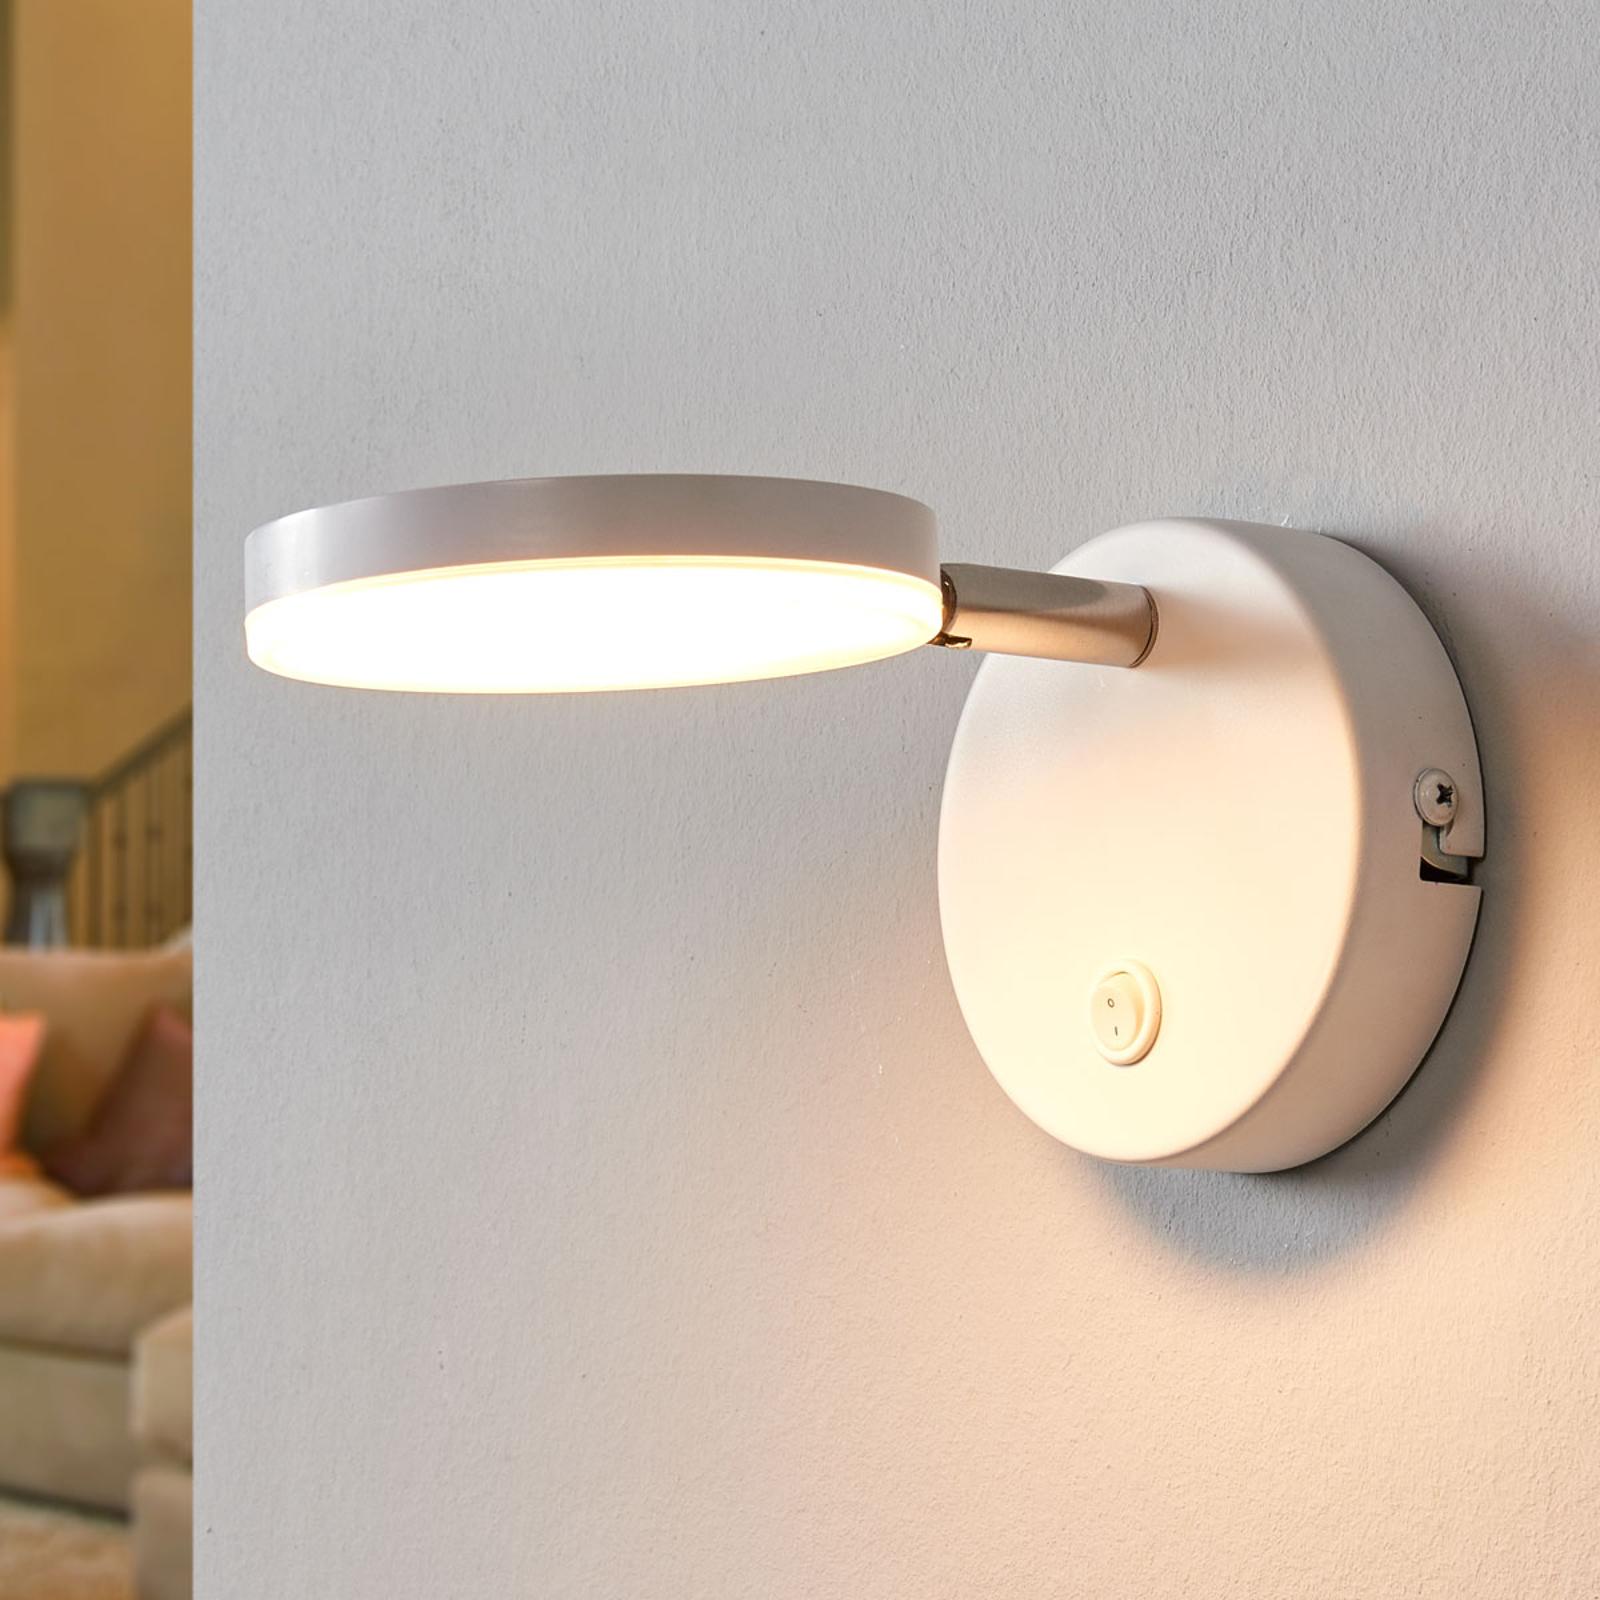 Bílá LED nástěnná svítilna Milow s vypínačem